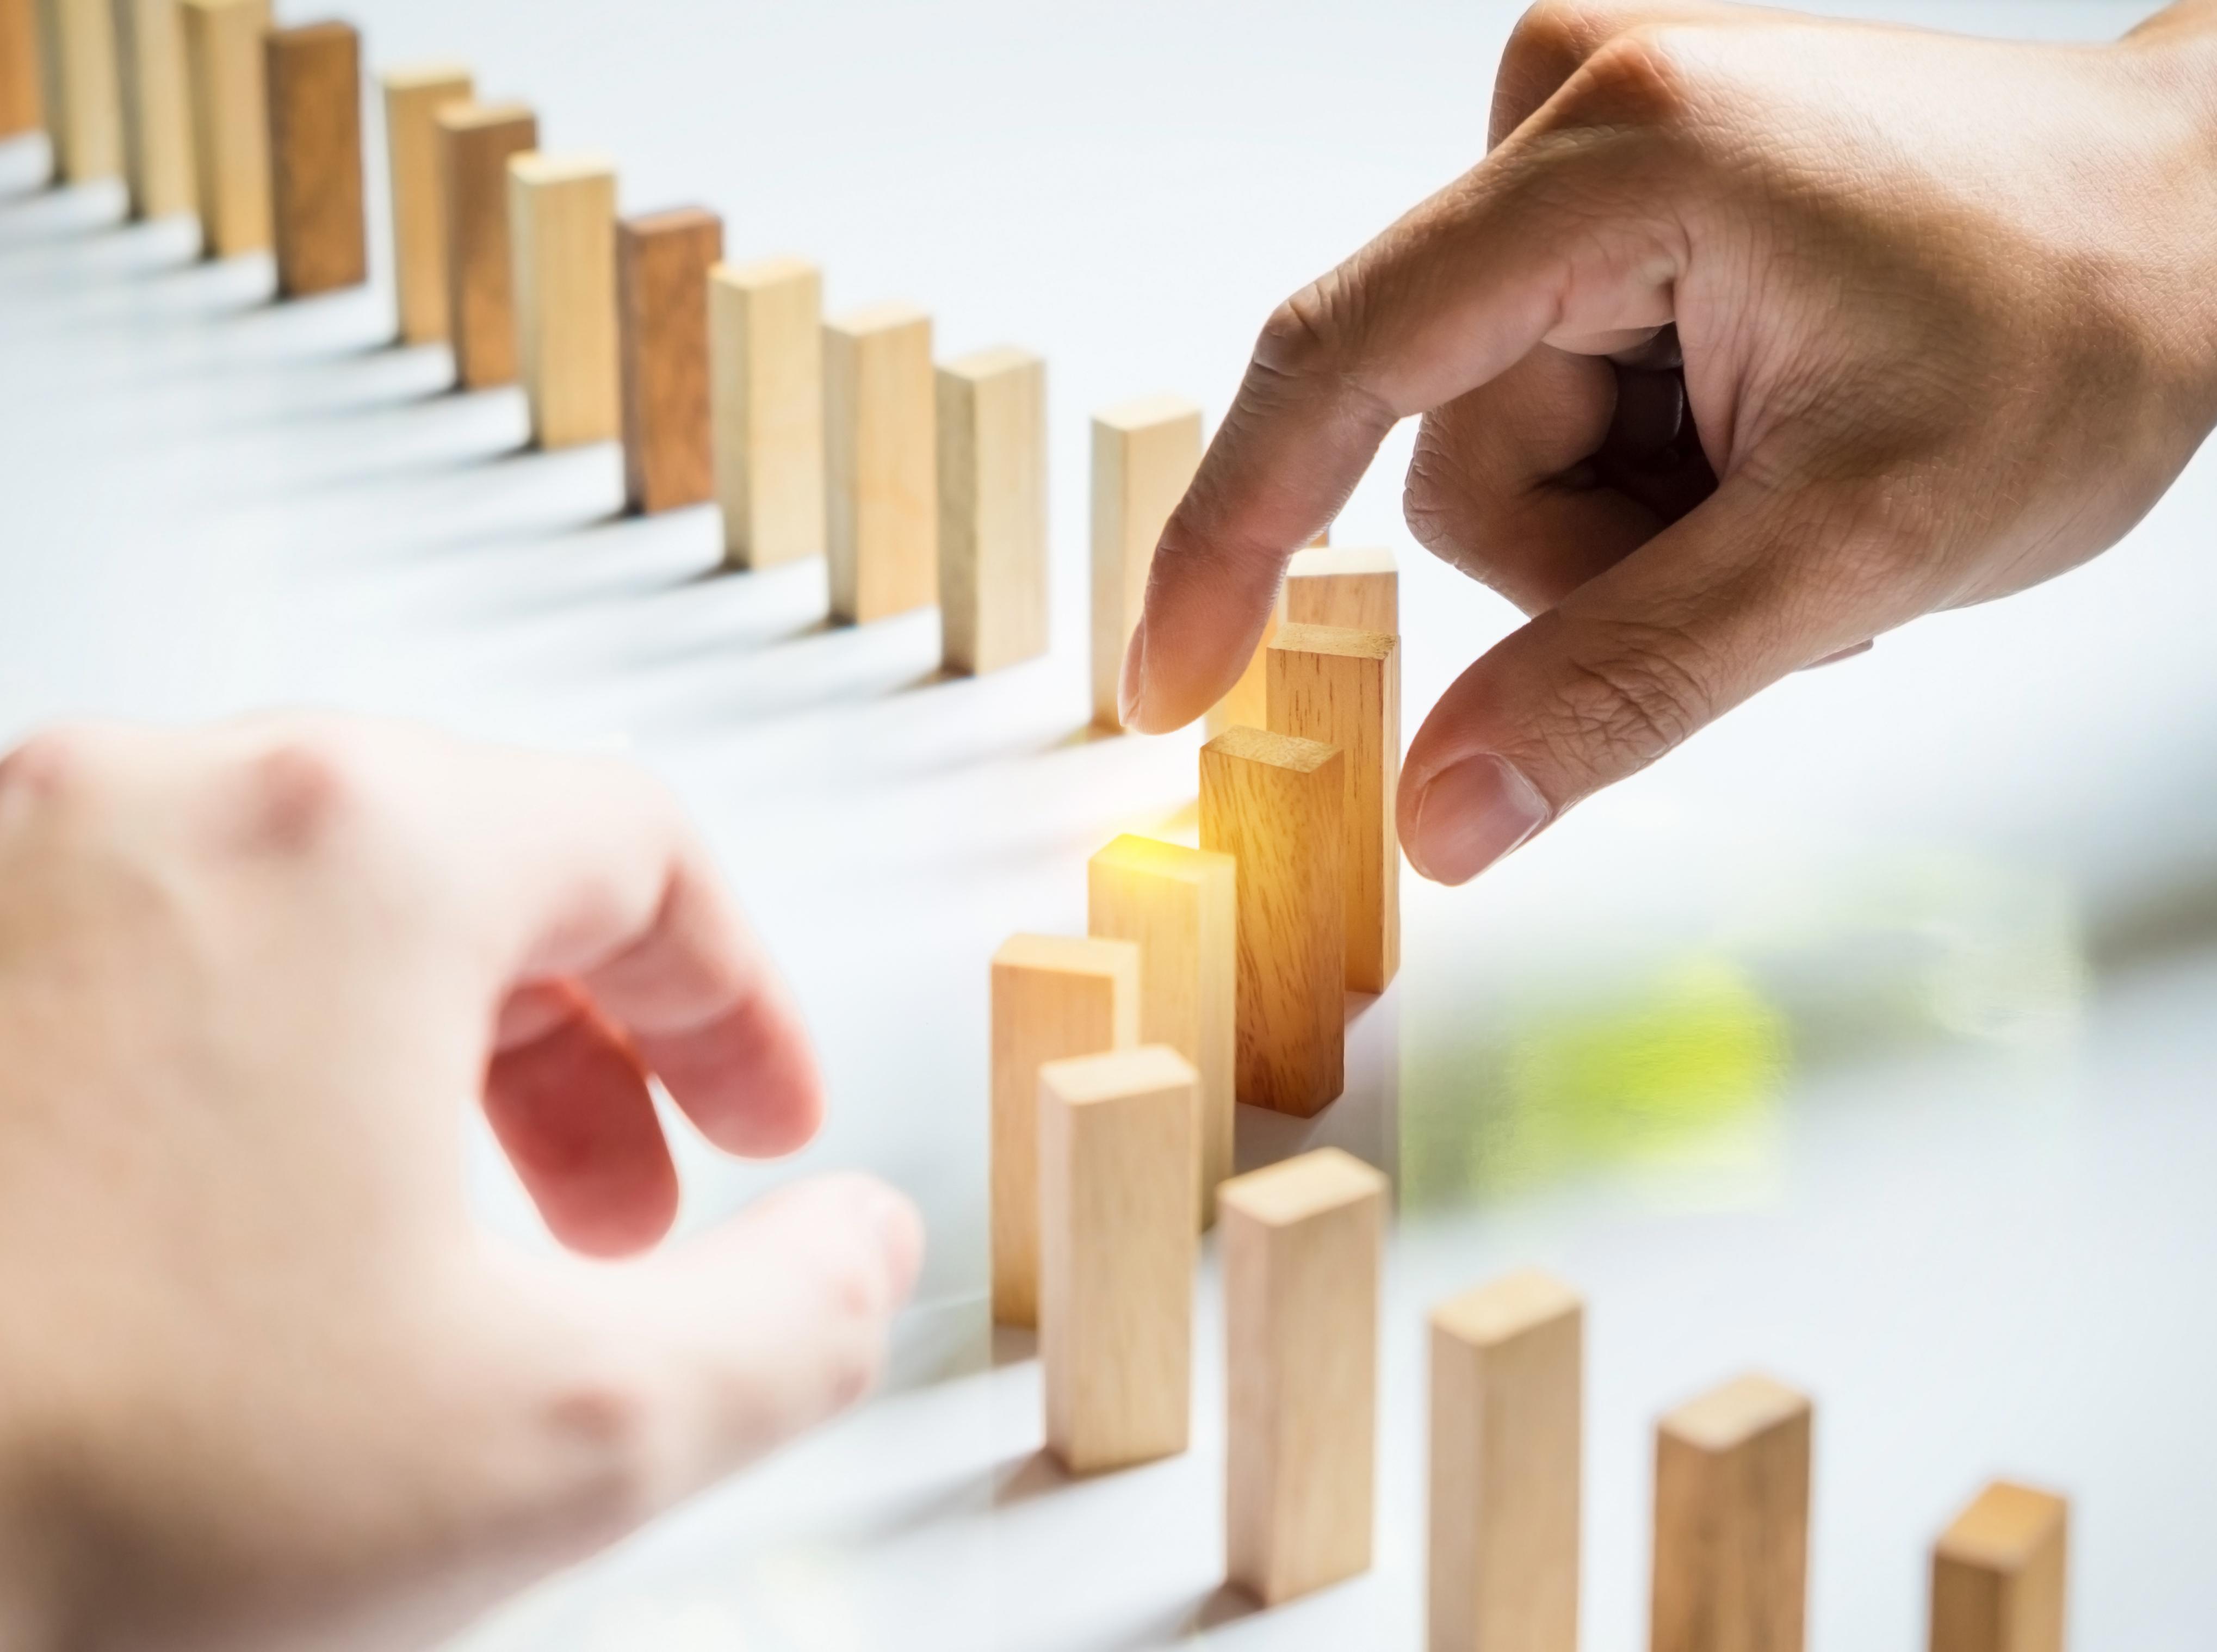 Transparência e compliance são pilares para gestão de crise